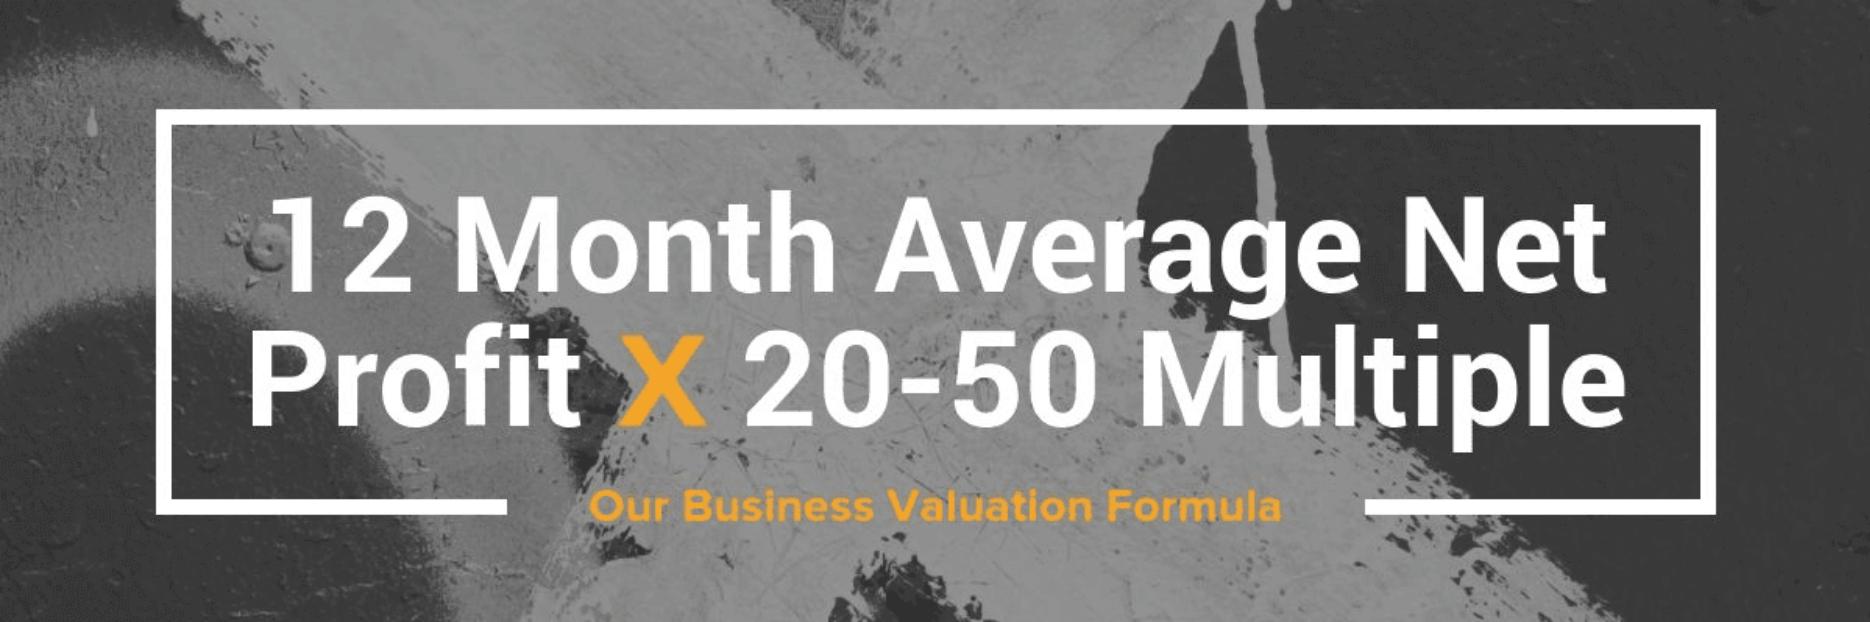 ecommerce business valuation formula